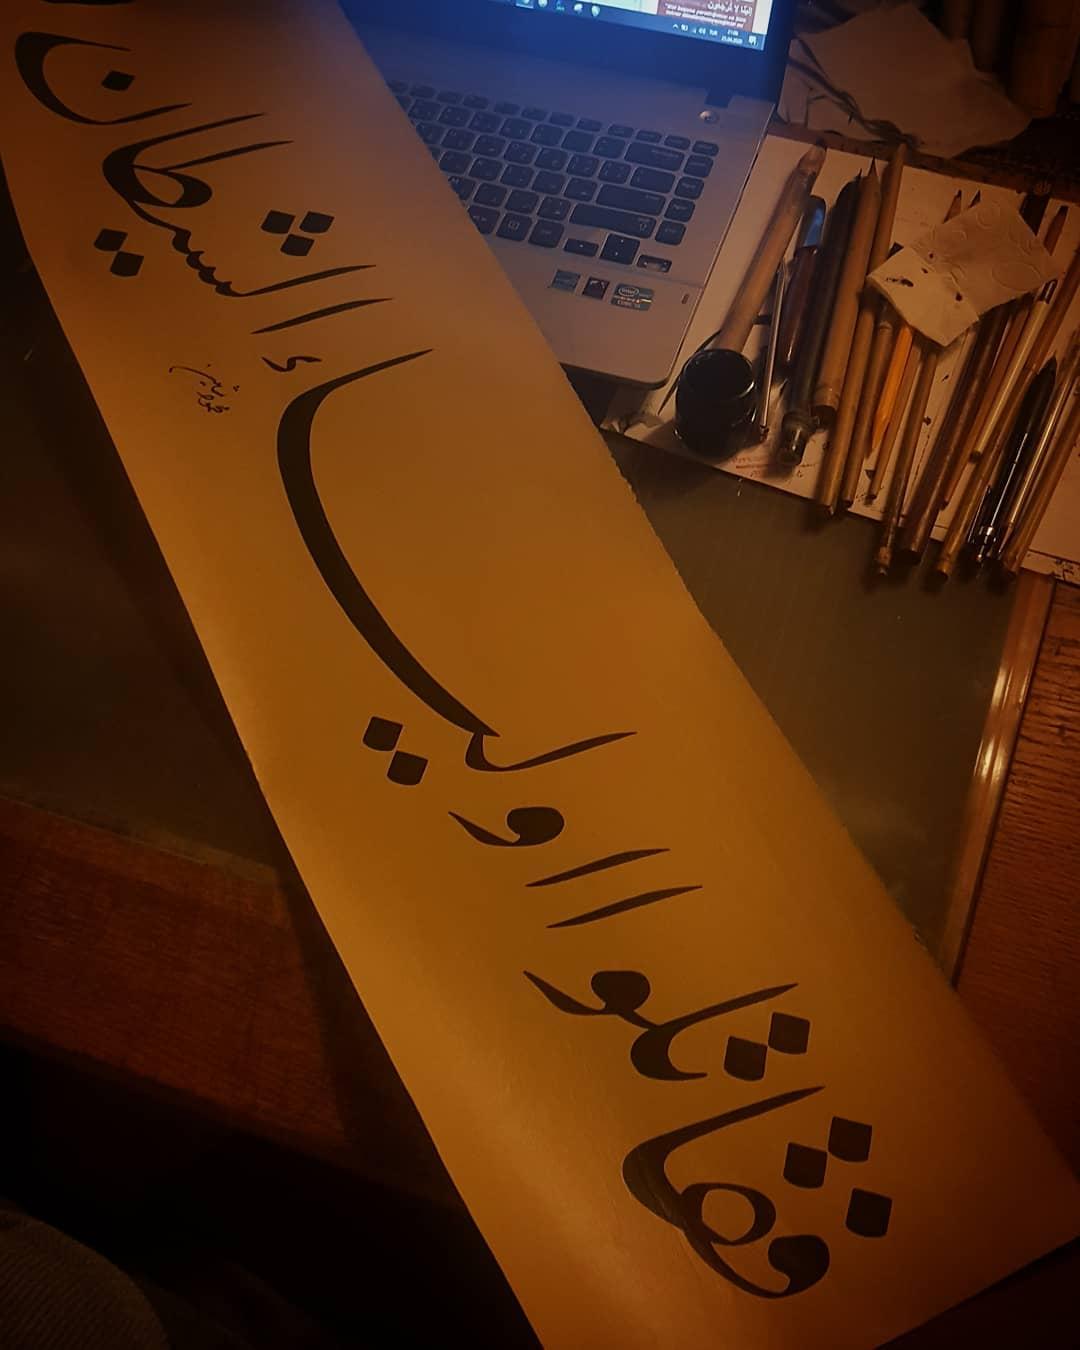 Donwload Photo 2020 Ramazan-ıŞerif yazıları 3 Şeytanın dostlarıyla savaşın... Nisa 76...- Hattat Mahmud 1